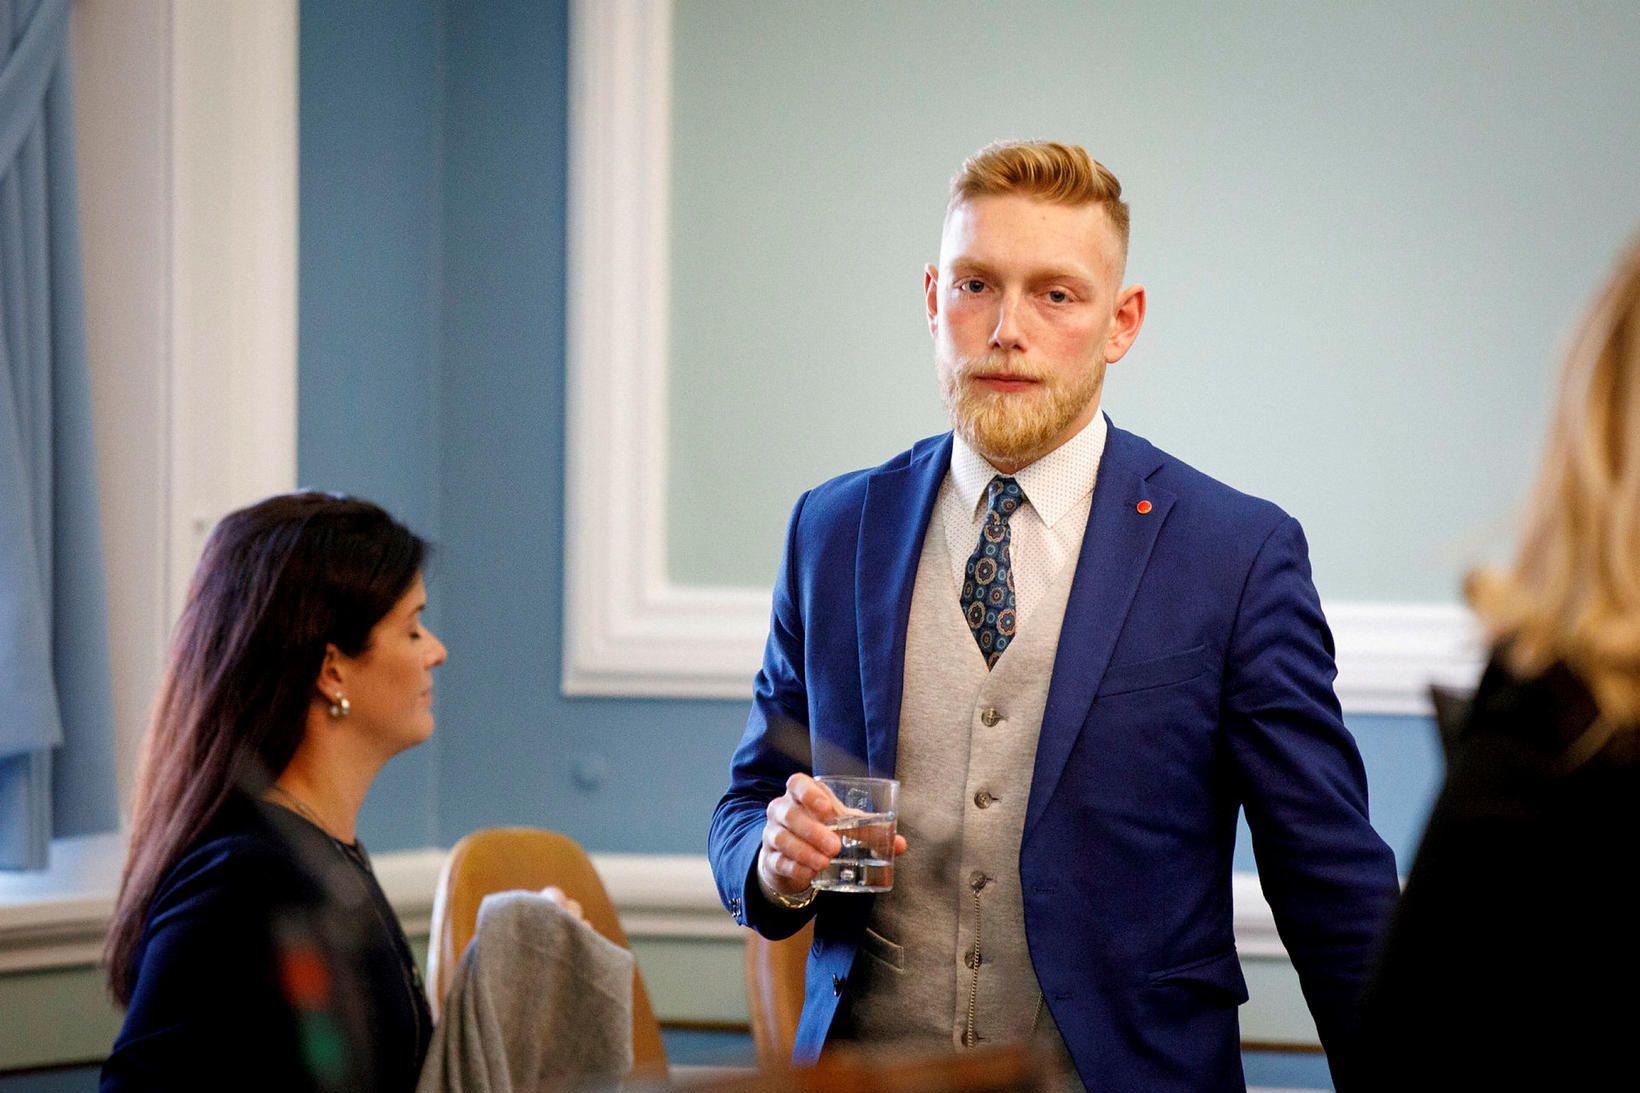 Bjartur Aðalbjörnsson, varaþingmaður Samfylkingarinnar, sveitarstjórnarmaður og knattspyrnumaður frá Vopnafirði.